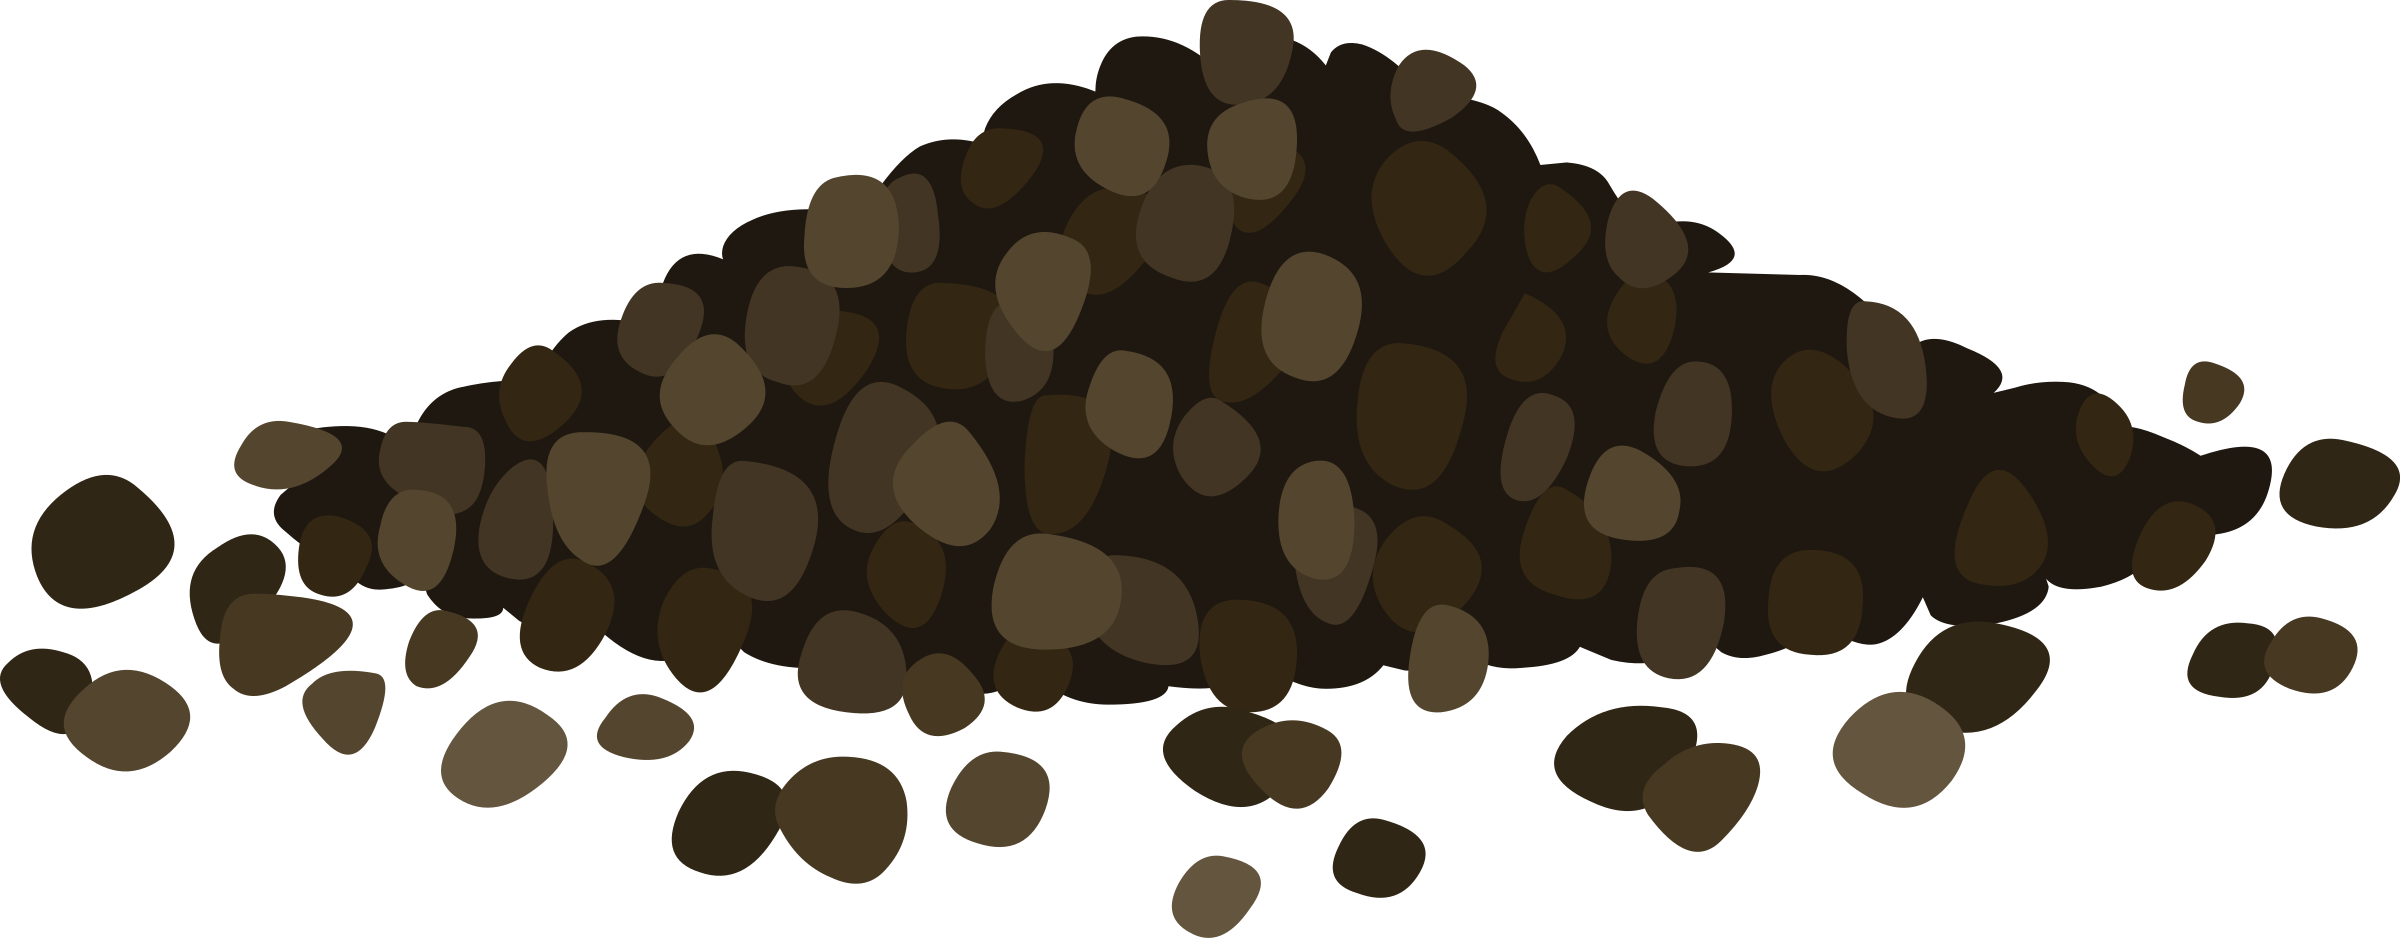 Black Pepper Png Spice Black Pepper